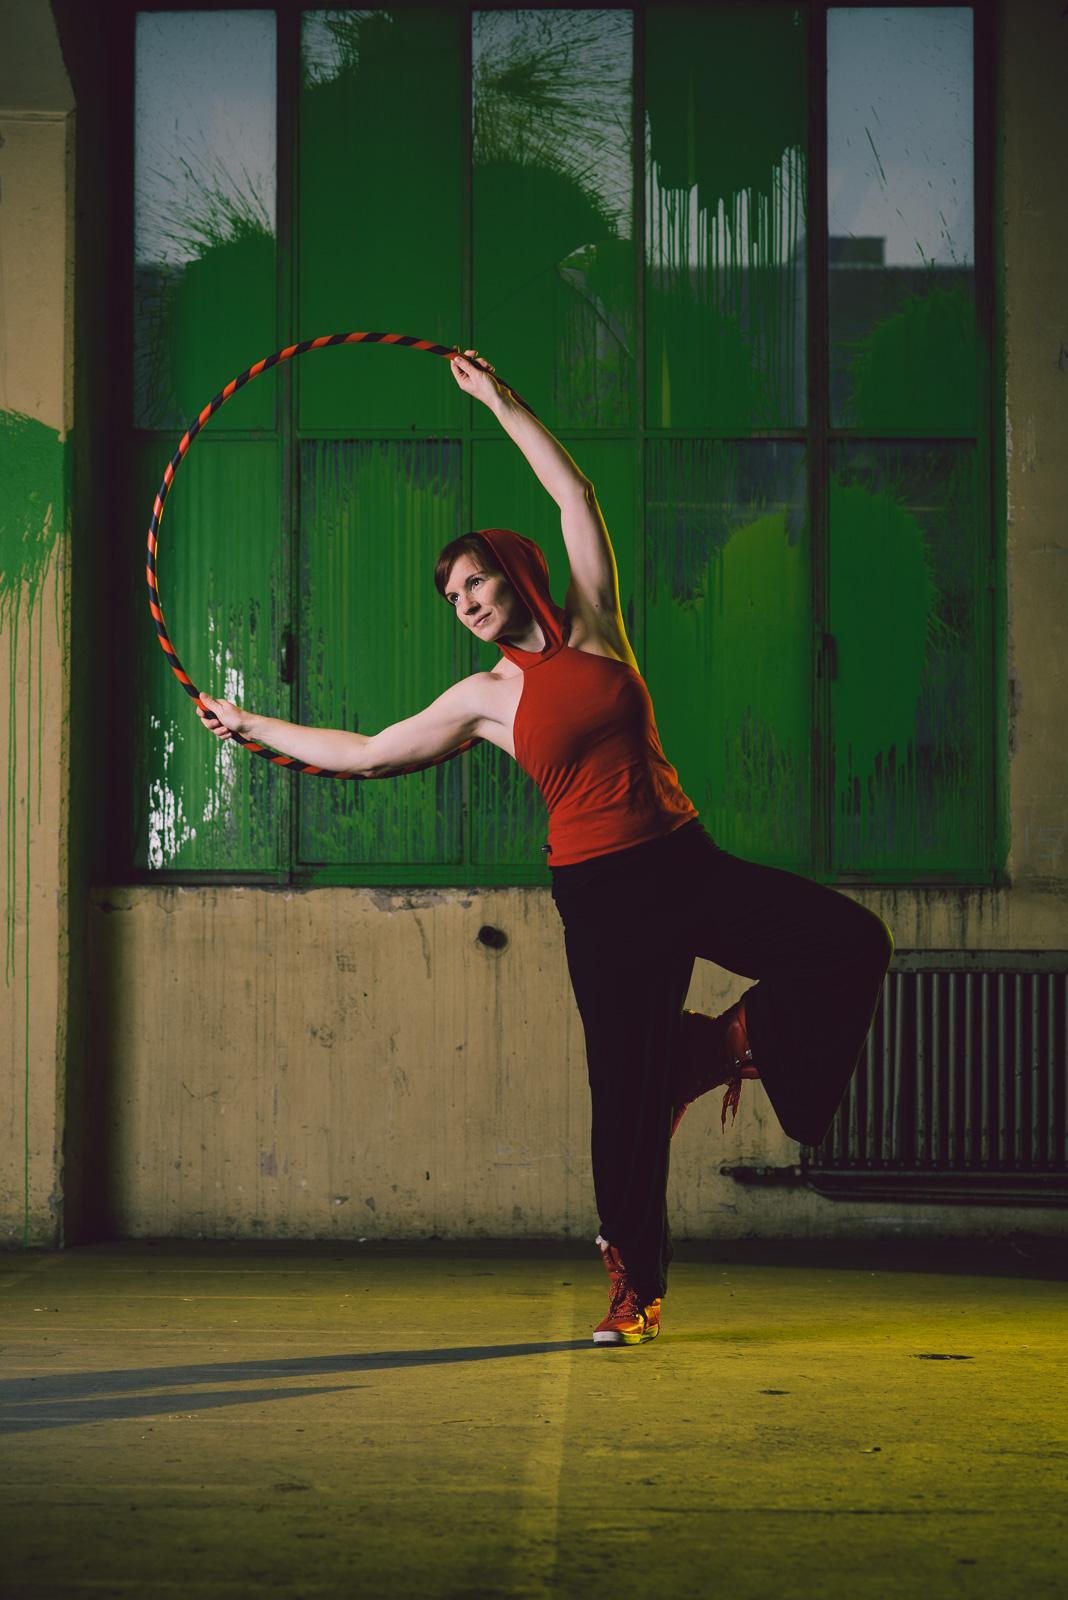 hula-hoop-shootingLY8_0869